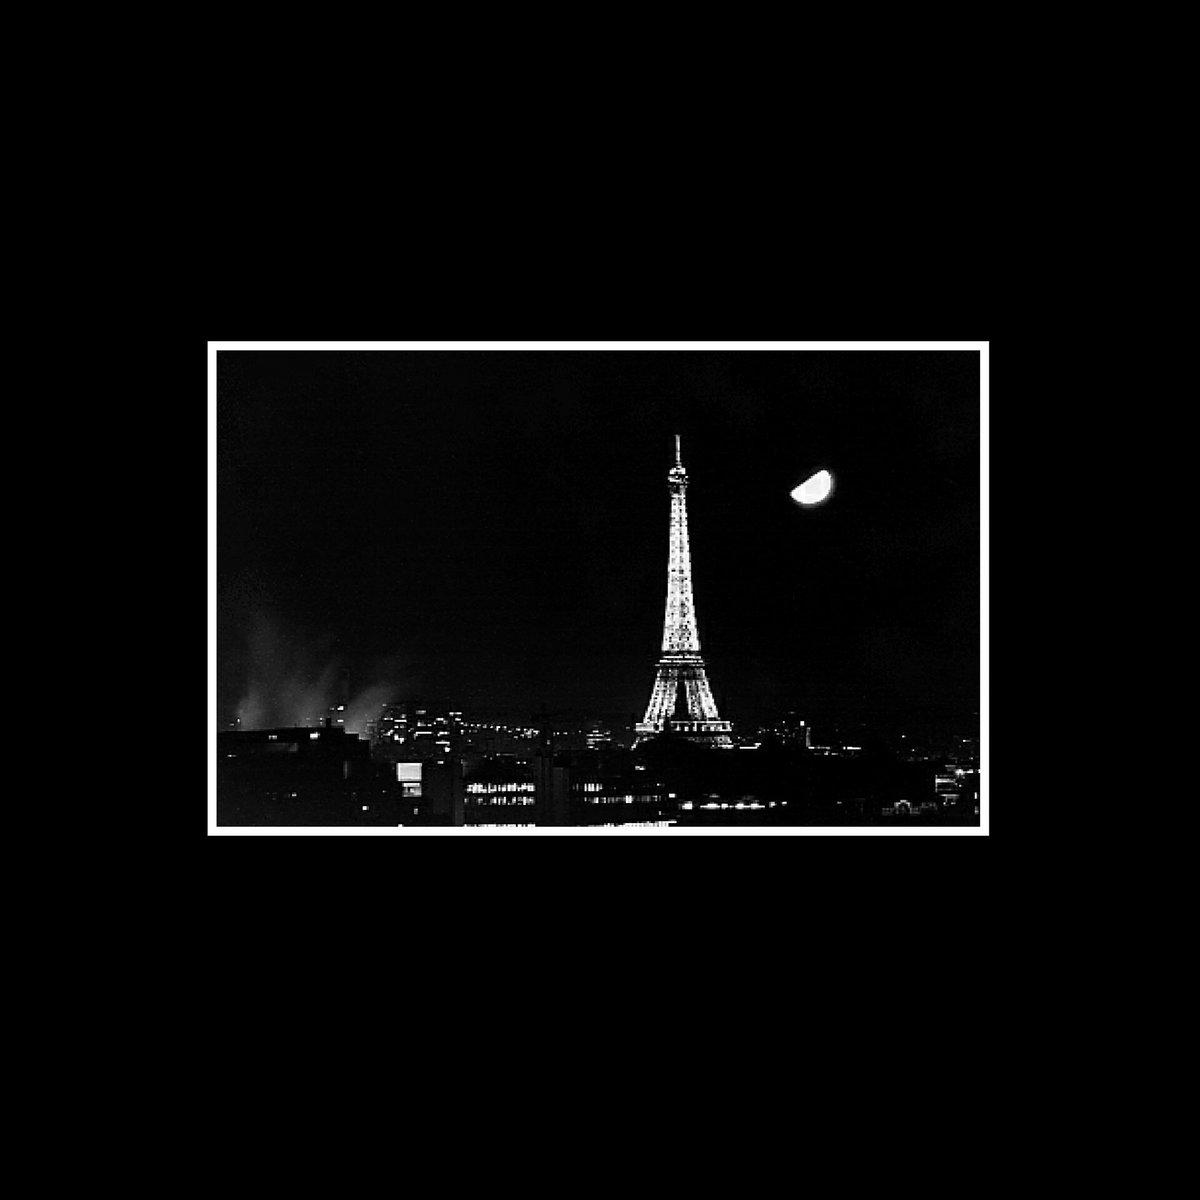 Davanti a certe tragedie ti rendi conto quanti tuoi problemi sono insignificanti  #jesuisparis #parigi #paris https://t.co/b3ND5bTJQF